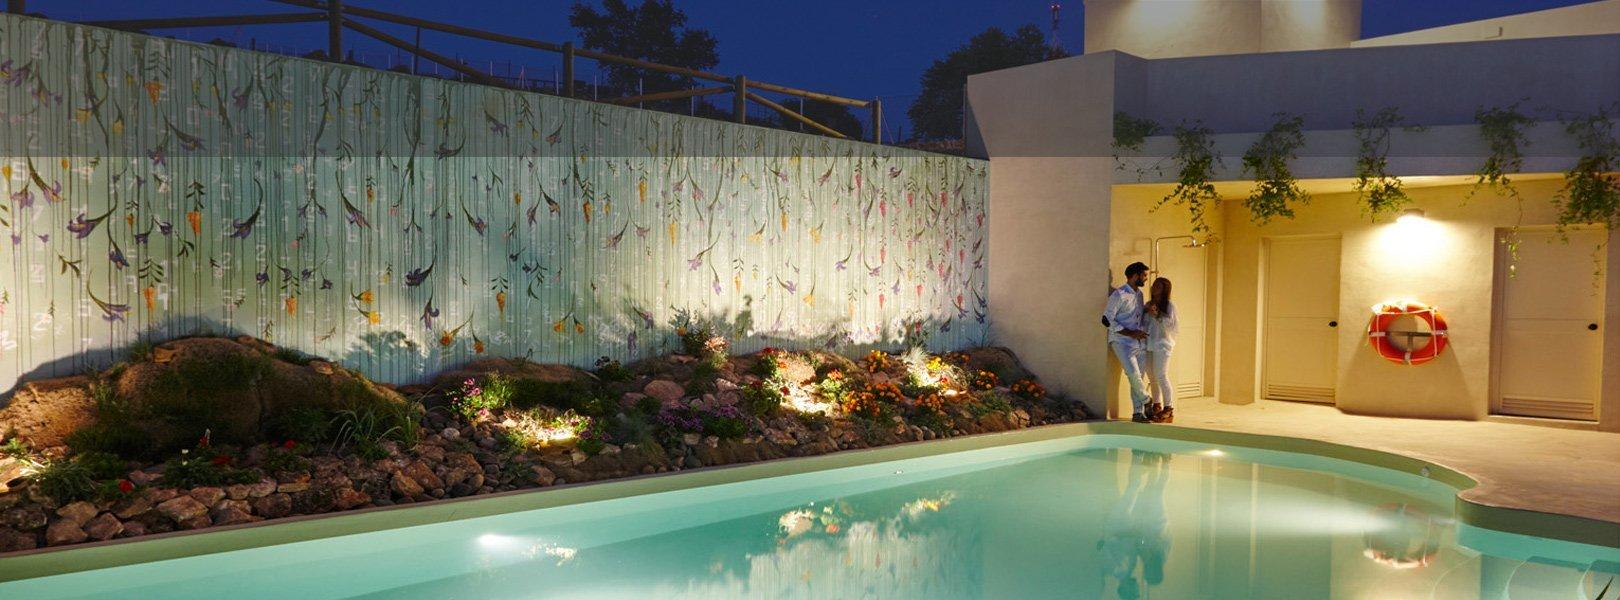 Piscina hotel Essentia Aracena, Huelva, España.